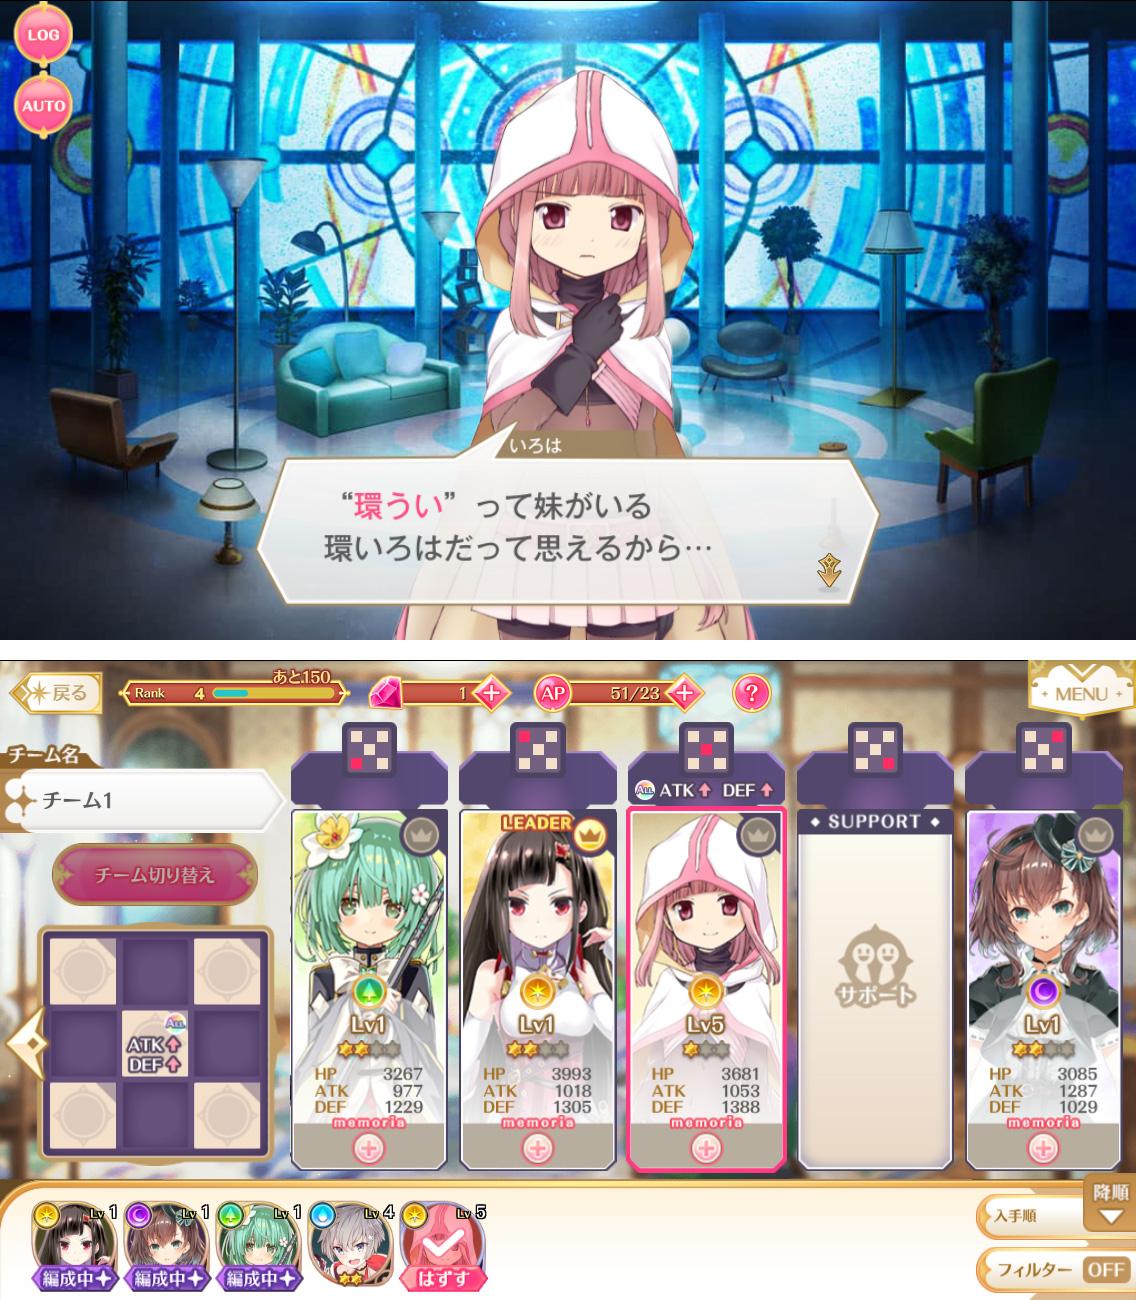 マギアレコード 魔法少女まどかマギカ外伝 androidアプリスクリーンショット3